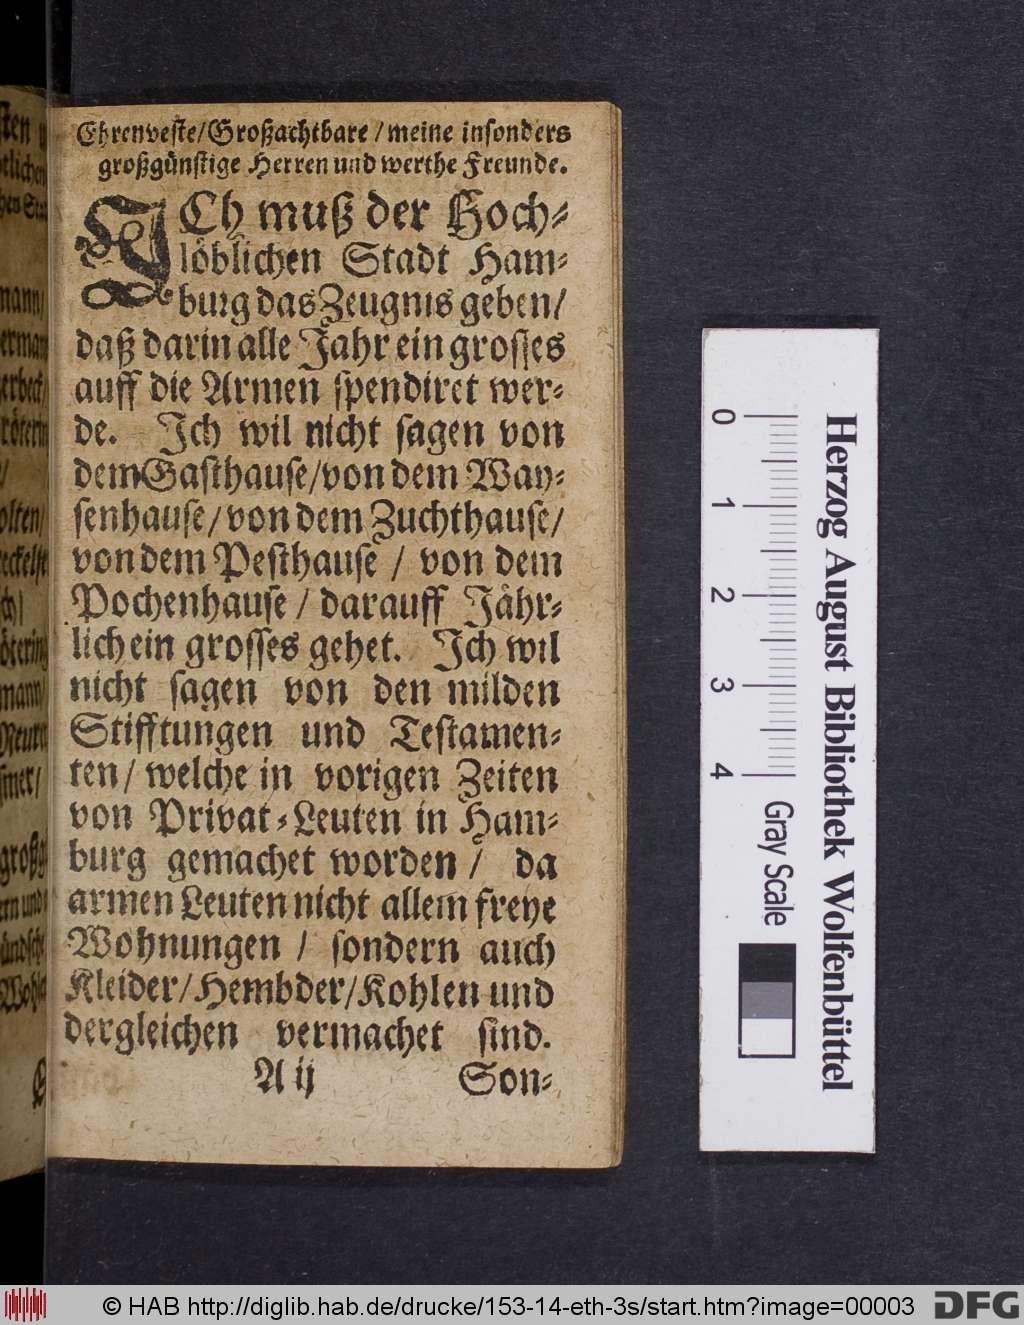 http://diglib.hab.de/drucke/153-14-eth-3s/00003.jpg